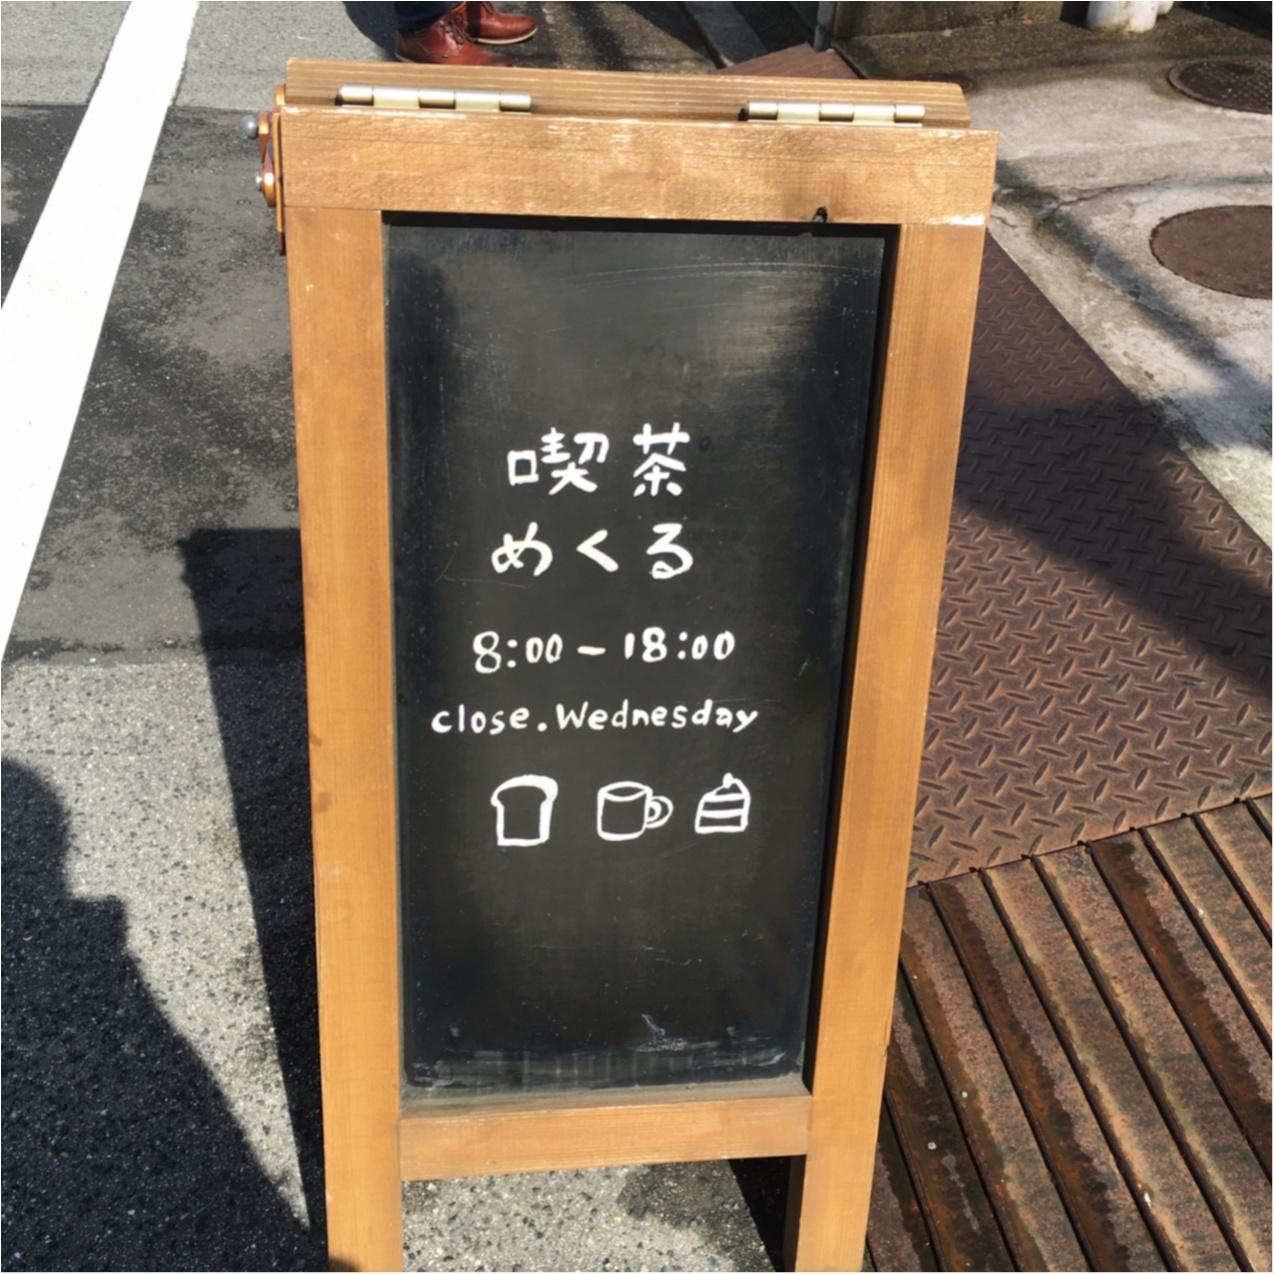 《 私のカフェめぐり♪ 》ナチュラルカフェでほっこり、大人に味香るコーヒーゼリー♡_1